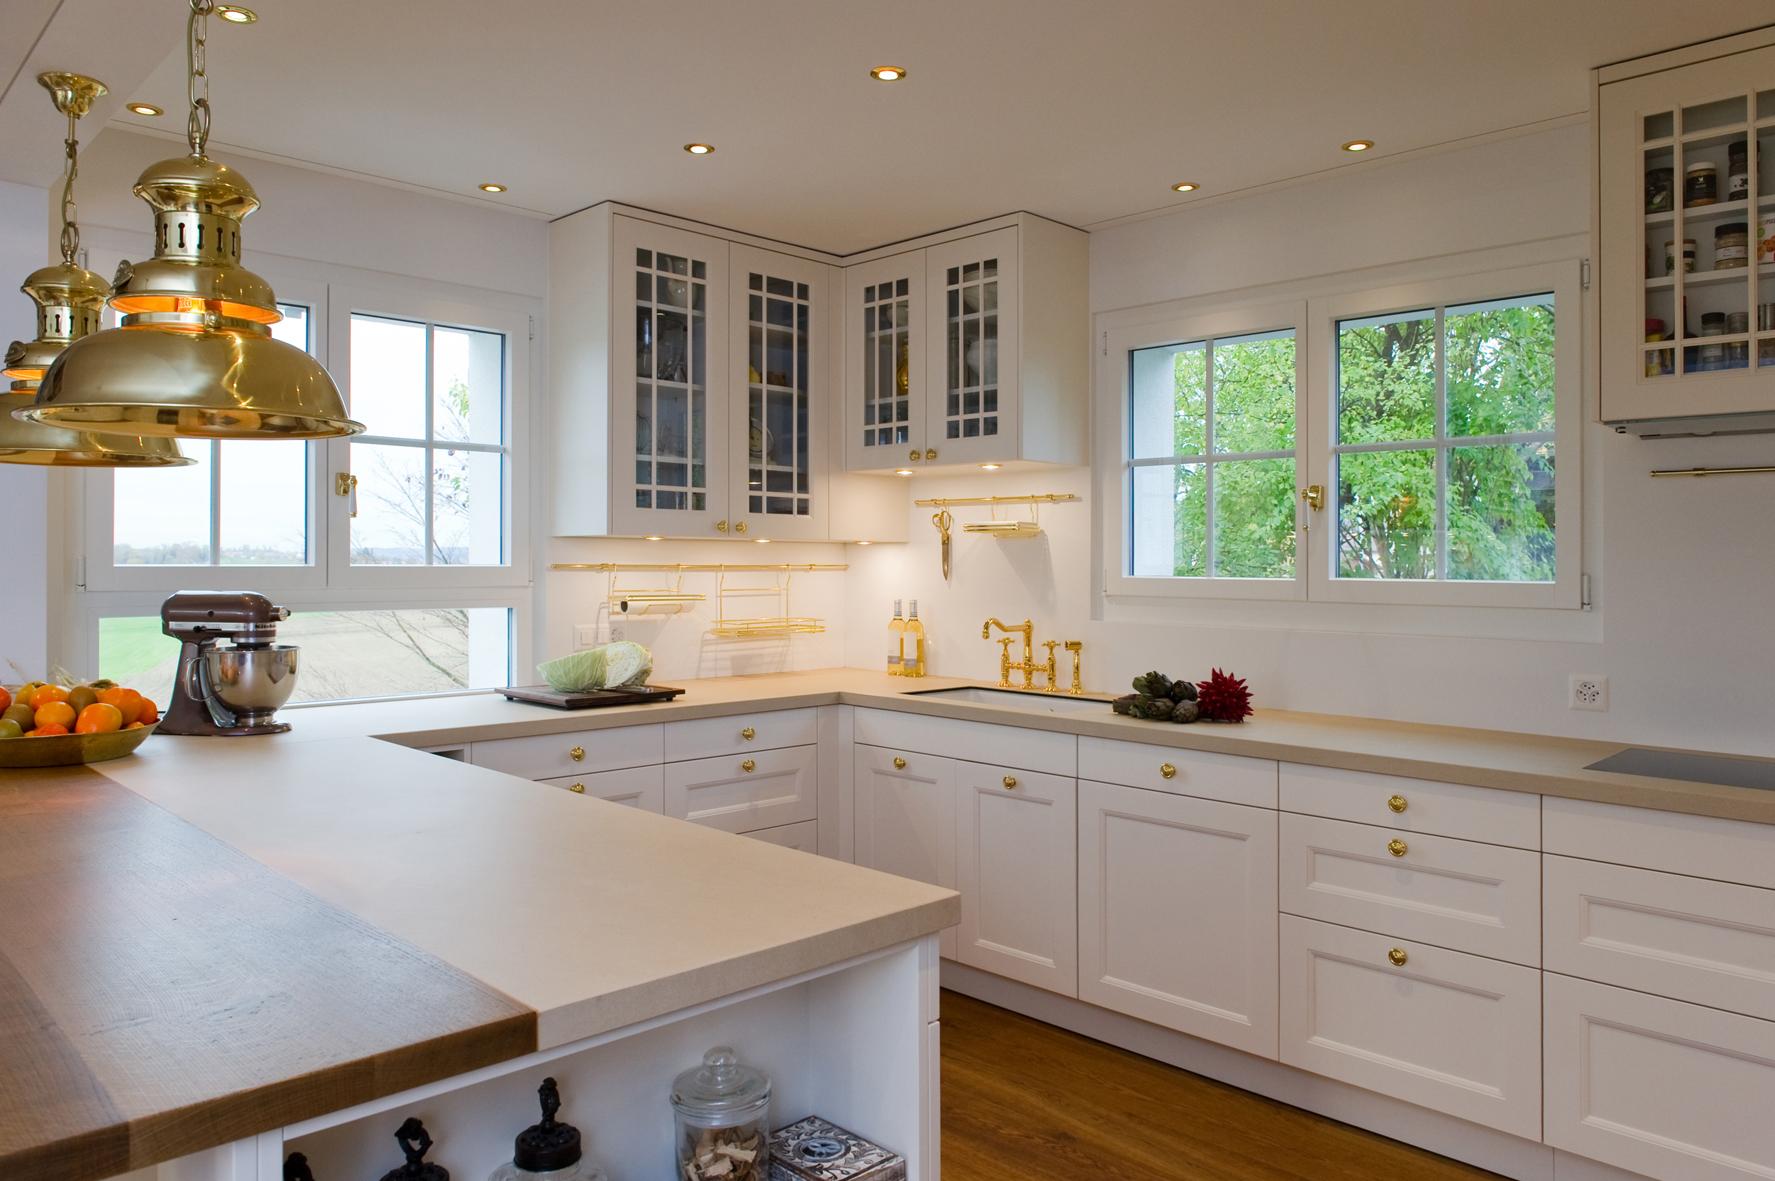 Wiesmann Küchen küchenumbau wohnen homegate ch